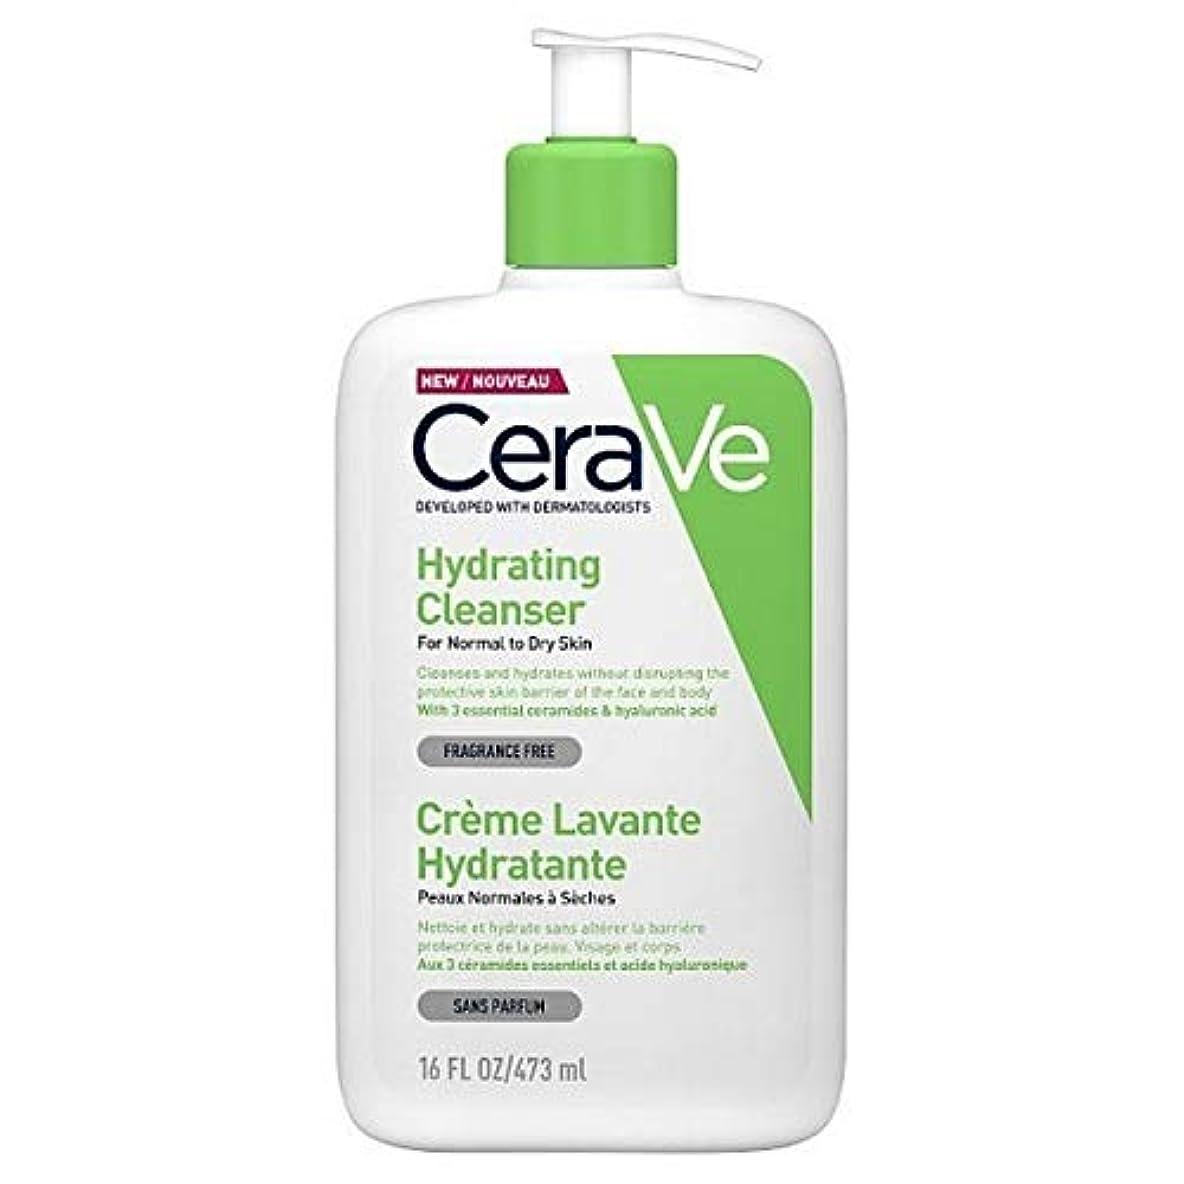 作詞家ふつうびっくり[CeraVe] Cerave水和クレンザー473ミリリットル - CeraVe Hydrating Cleanser 473ml [並行輸入品]